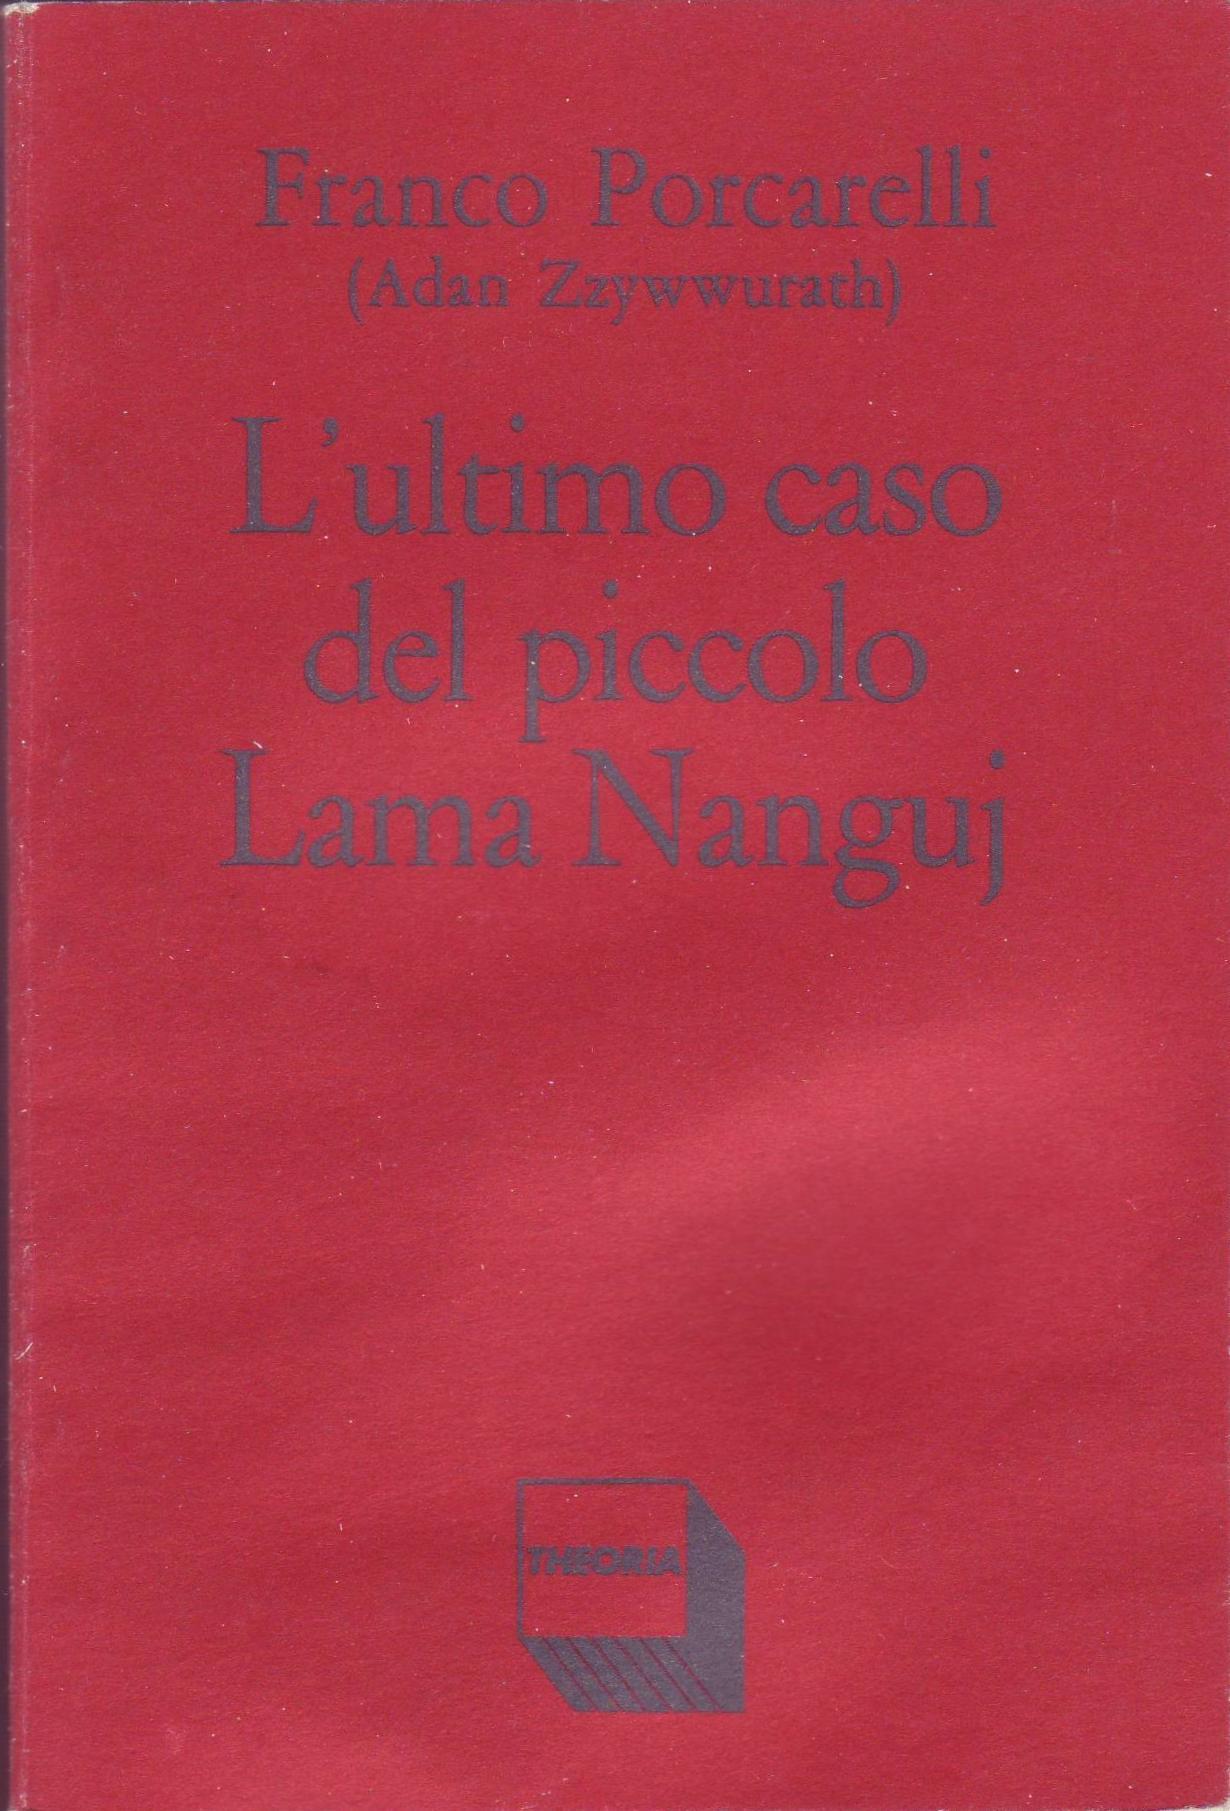 L'ultimo caso del piccolo Lama Nanguj